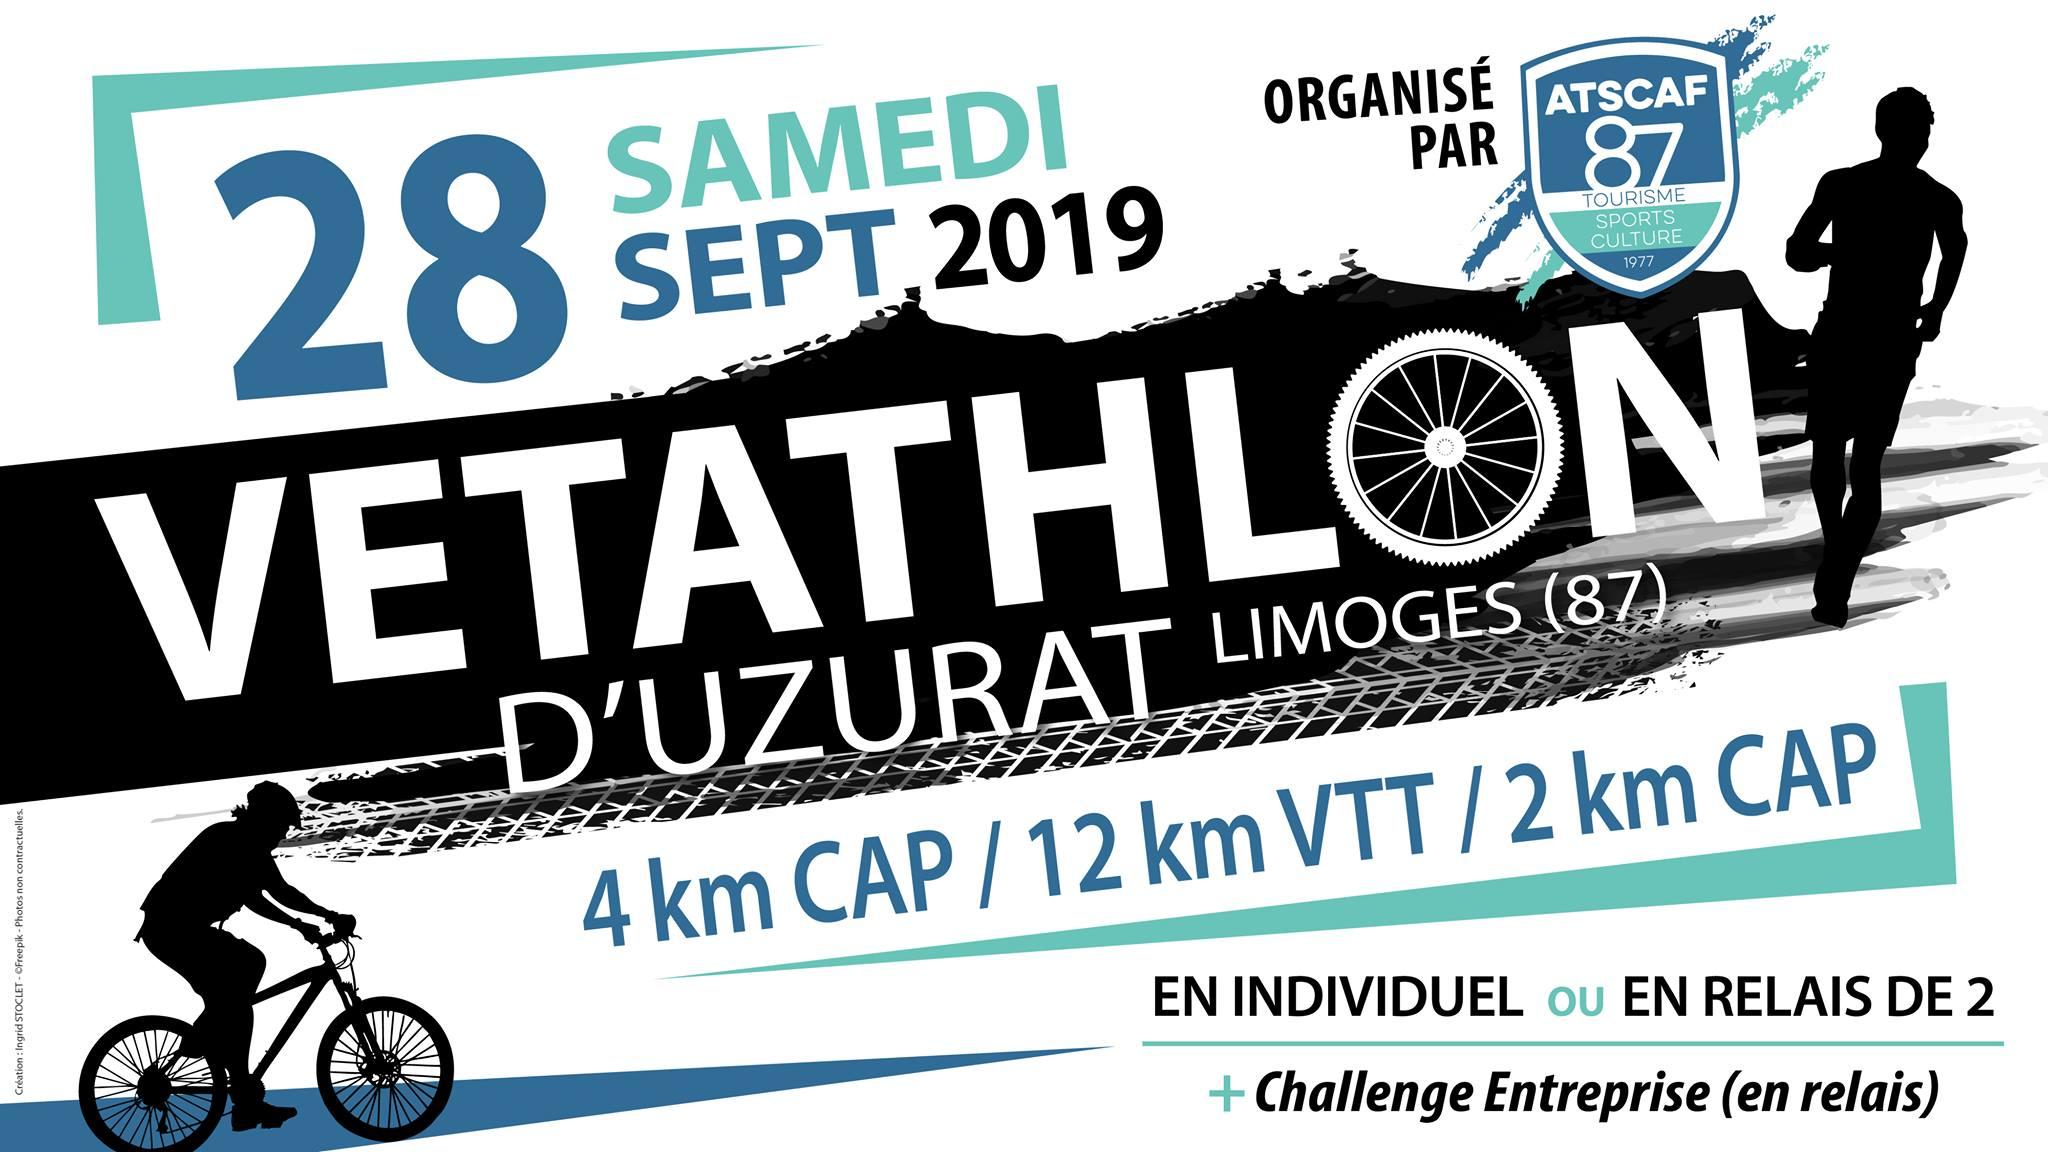 Limoges : Vétathlon d'Uzurat